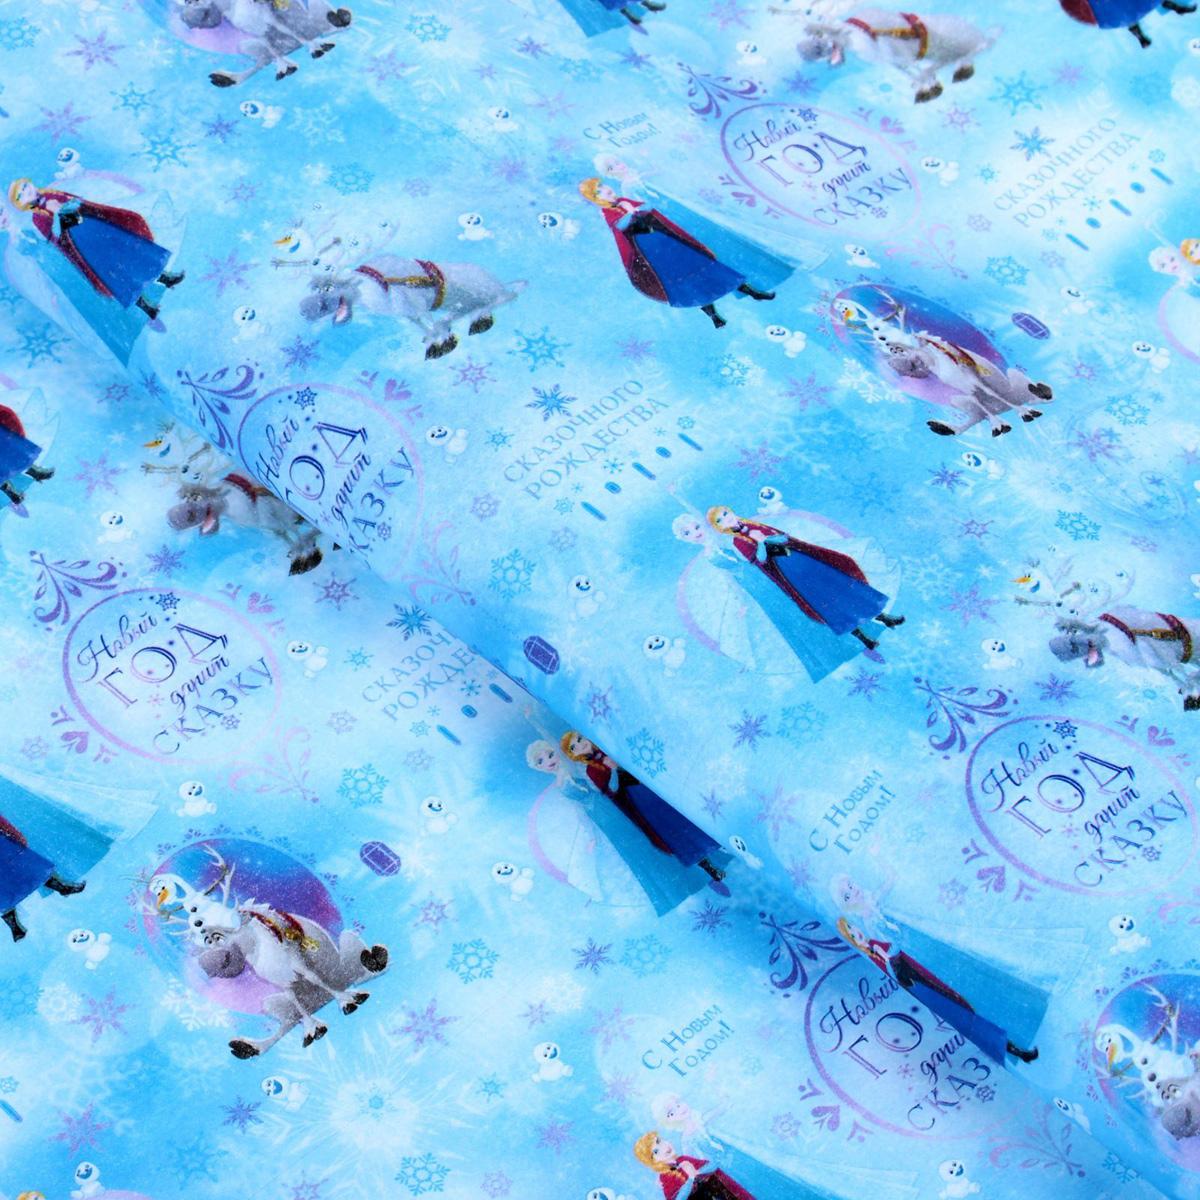 Бумага упаковочная Disney Сказочного праздника. Холодное сердце, тишью, 50 х 70 см1409374Бумага упаковочная Disney Сказочного праздника. Холодное сердце - это стильный и модный тренд в декоре и упаковке. Она универсальна в оформлении любой продукции и подарка и сделает даже обычный презент заметным, приятным и стильным.